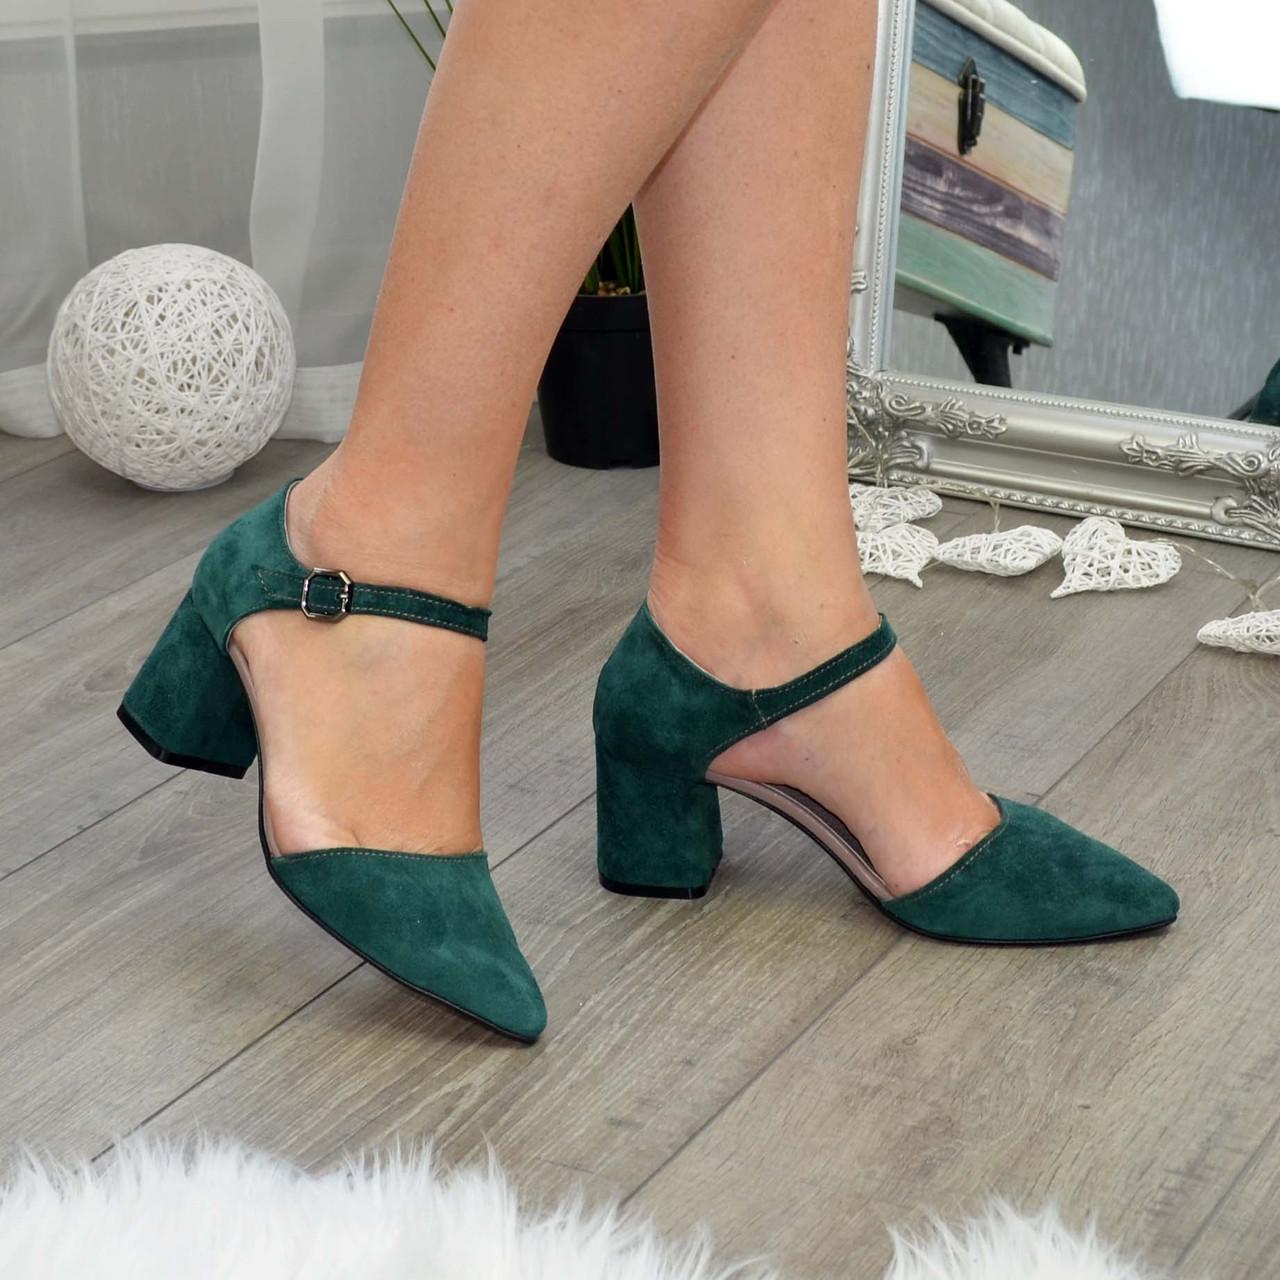 Туфли женские замшевые на невысоком устойчивом каблуке, цвет зеленый